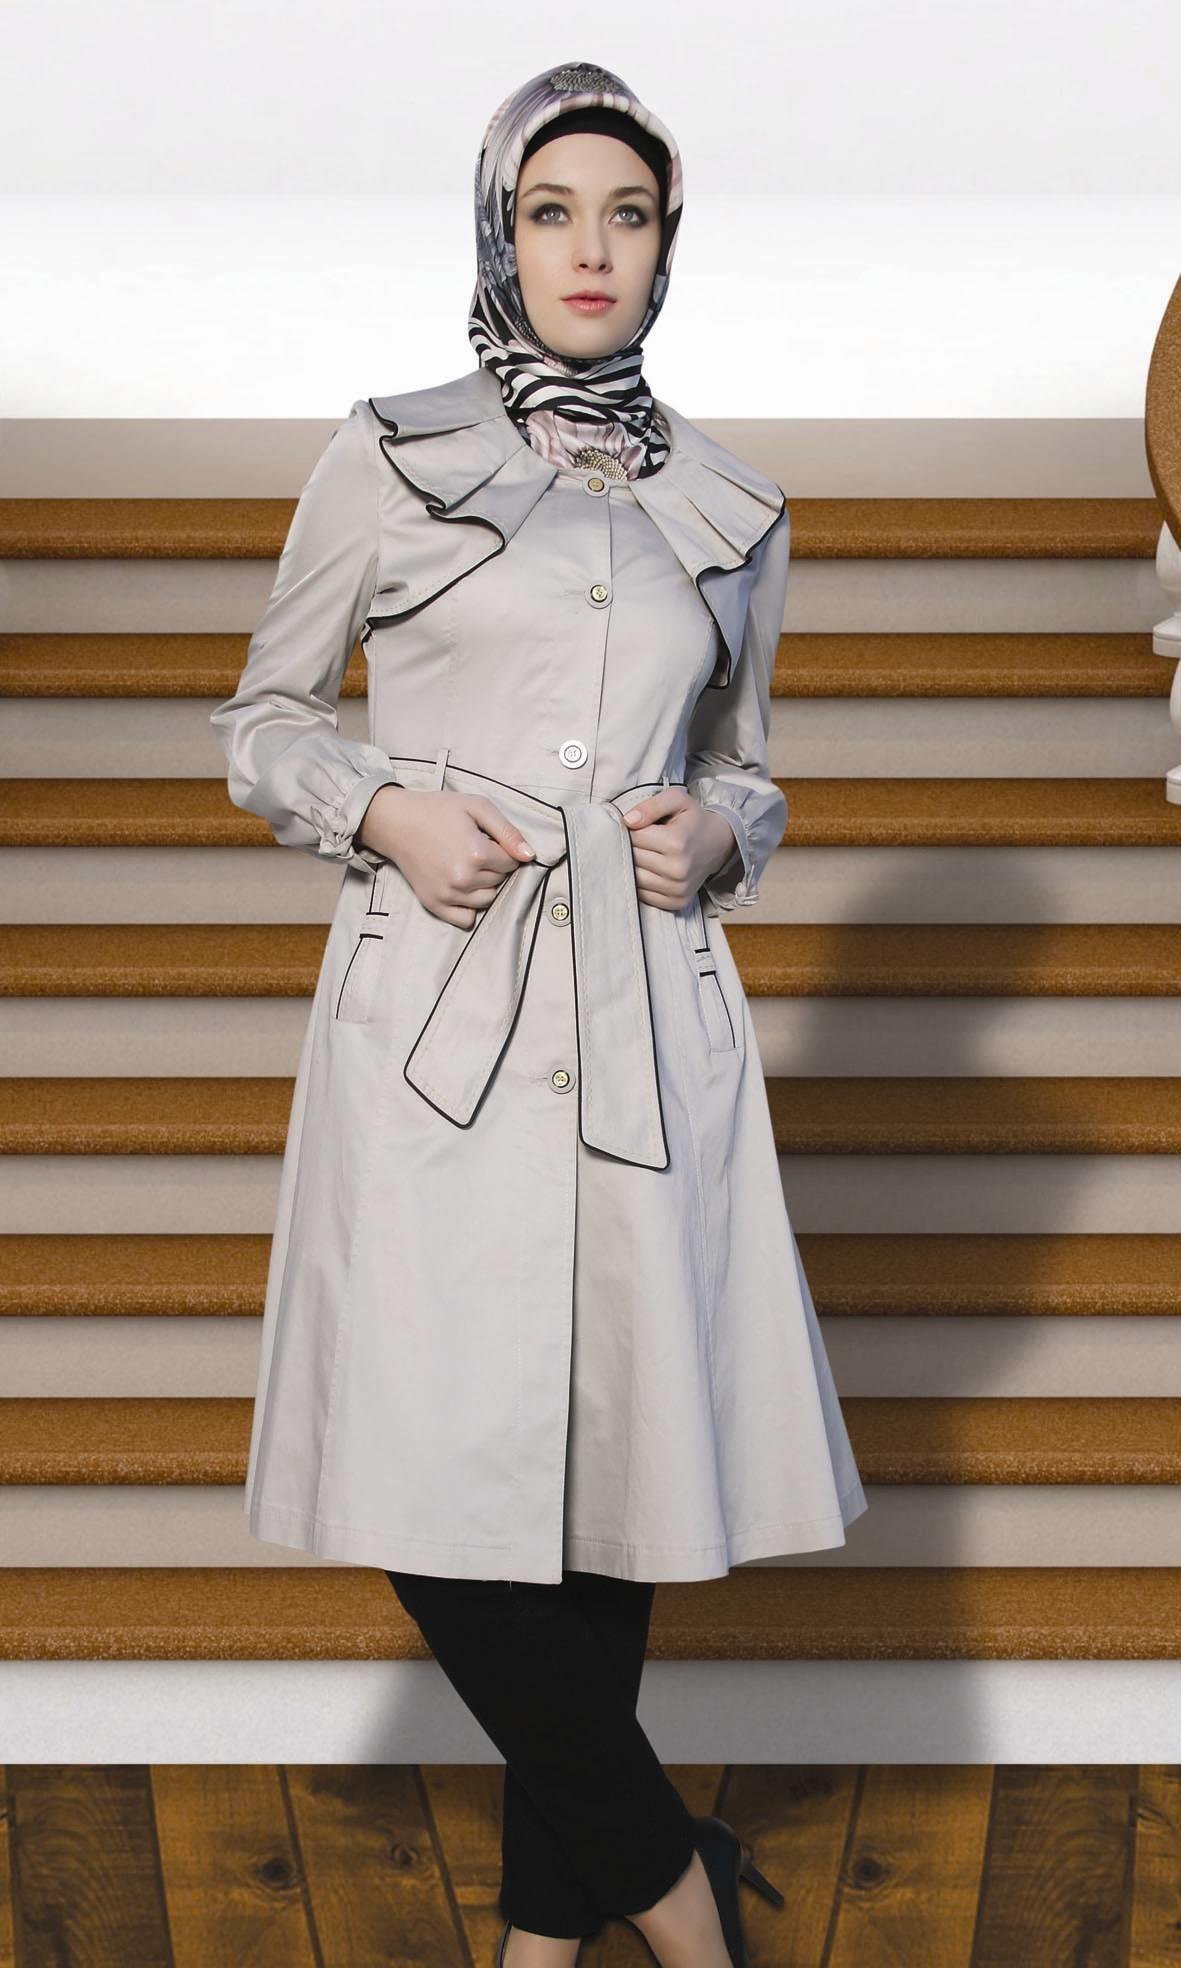 جدیدترین مدل های مانتو با حجاب و زیبا